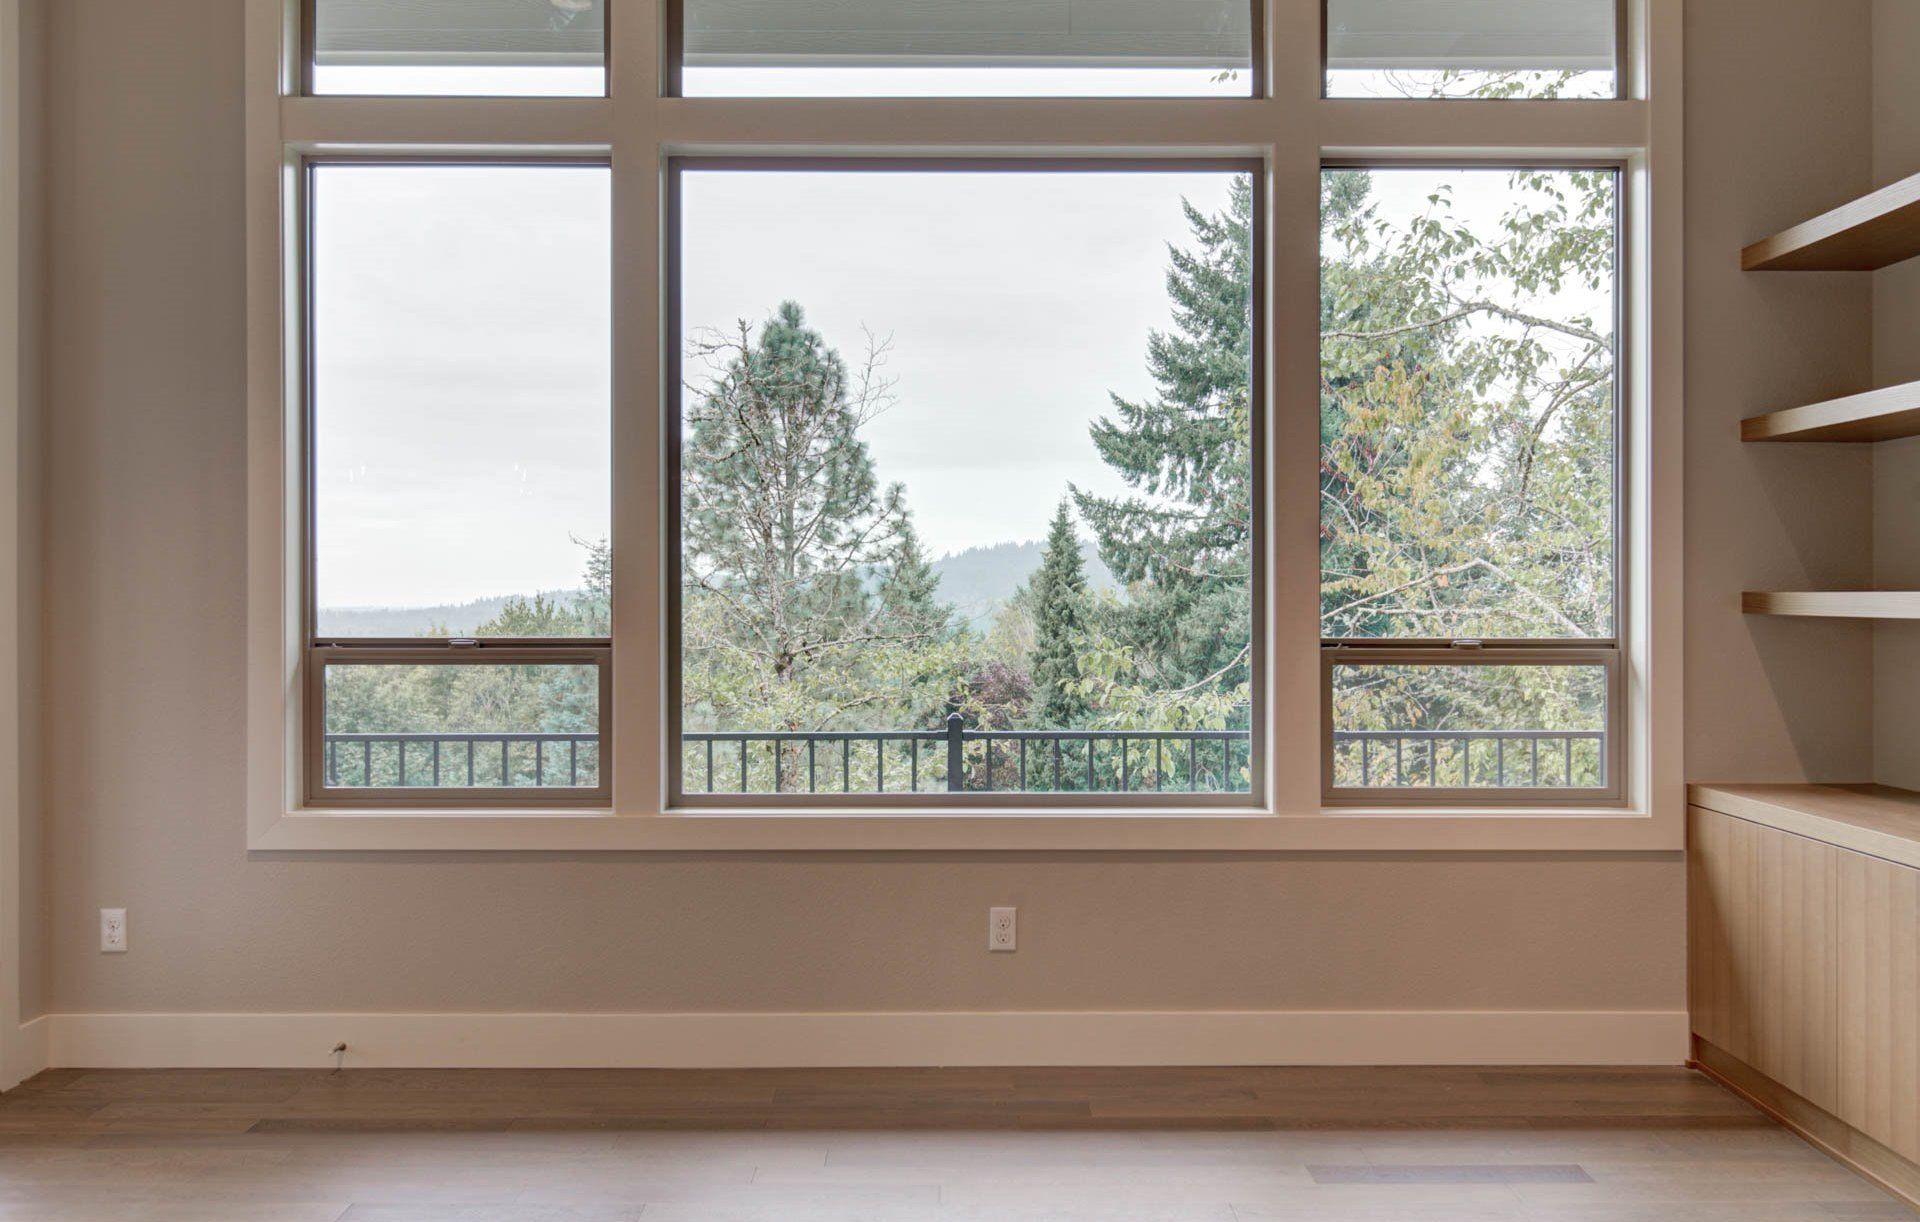 Hillside | House plans, Basement house, House design